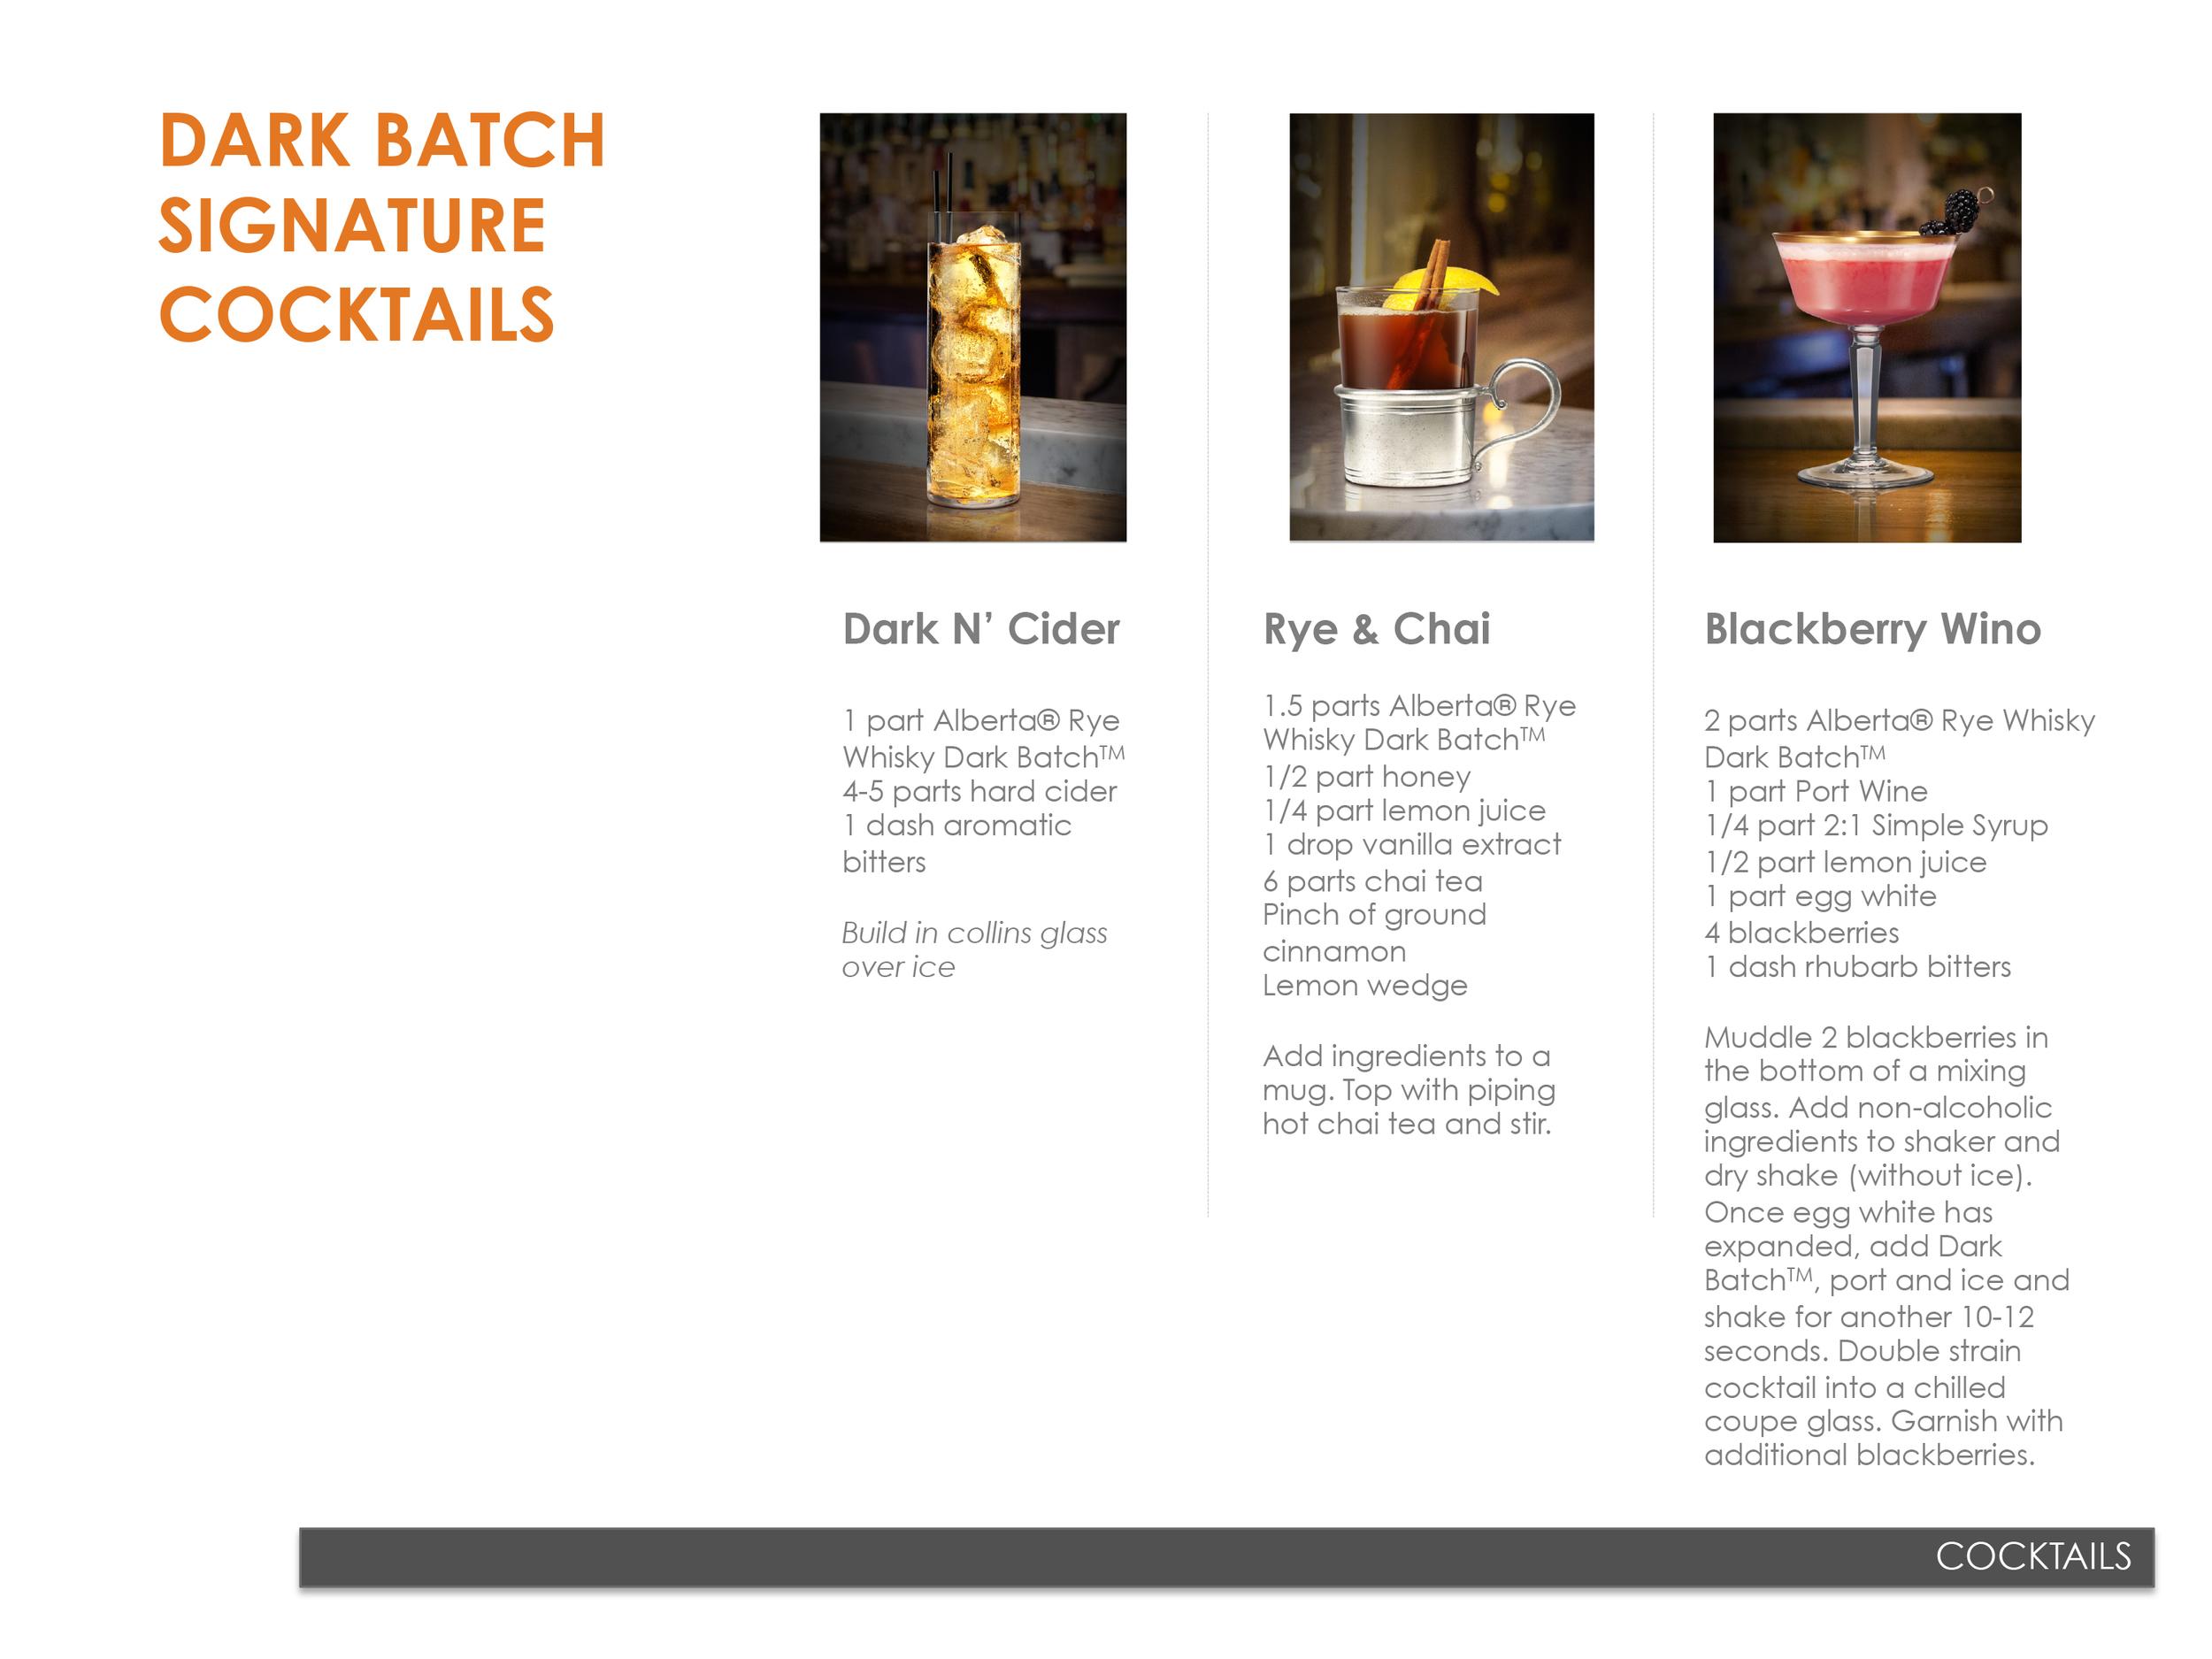 Alberta Rye Dark Batch Activation Guide 4.6-28.jpg